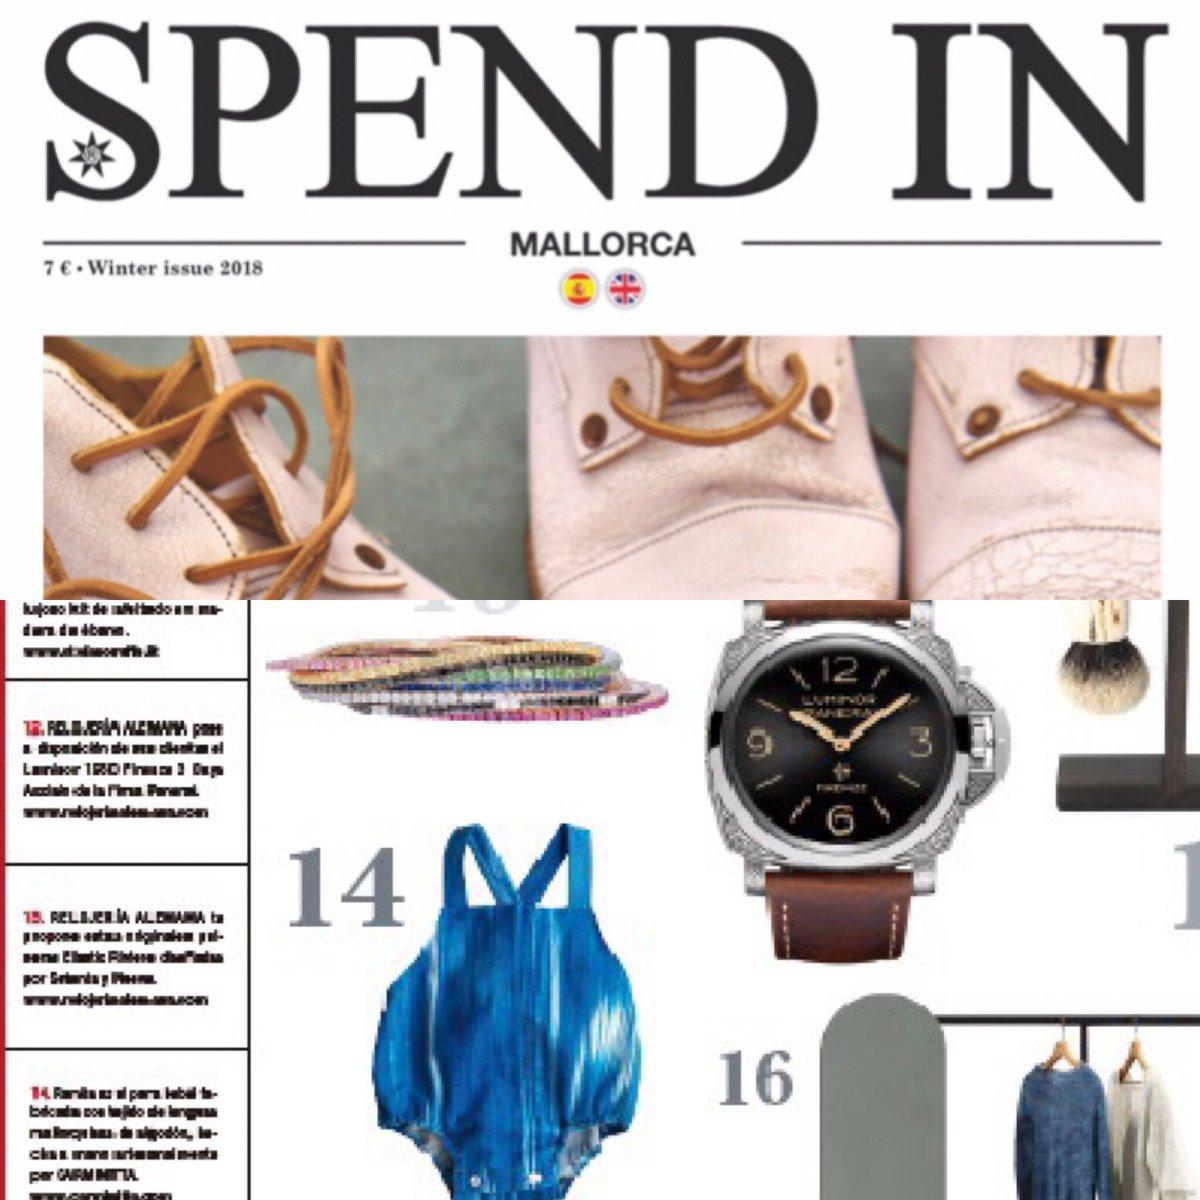 Felices y agradecidas de aparecer en @SPENDINmagazine como uno de sus #esenciales 🎊 A por el día🤗 👉 https://carminitta.com/ de REBAJAS!!